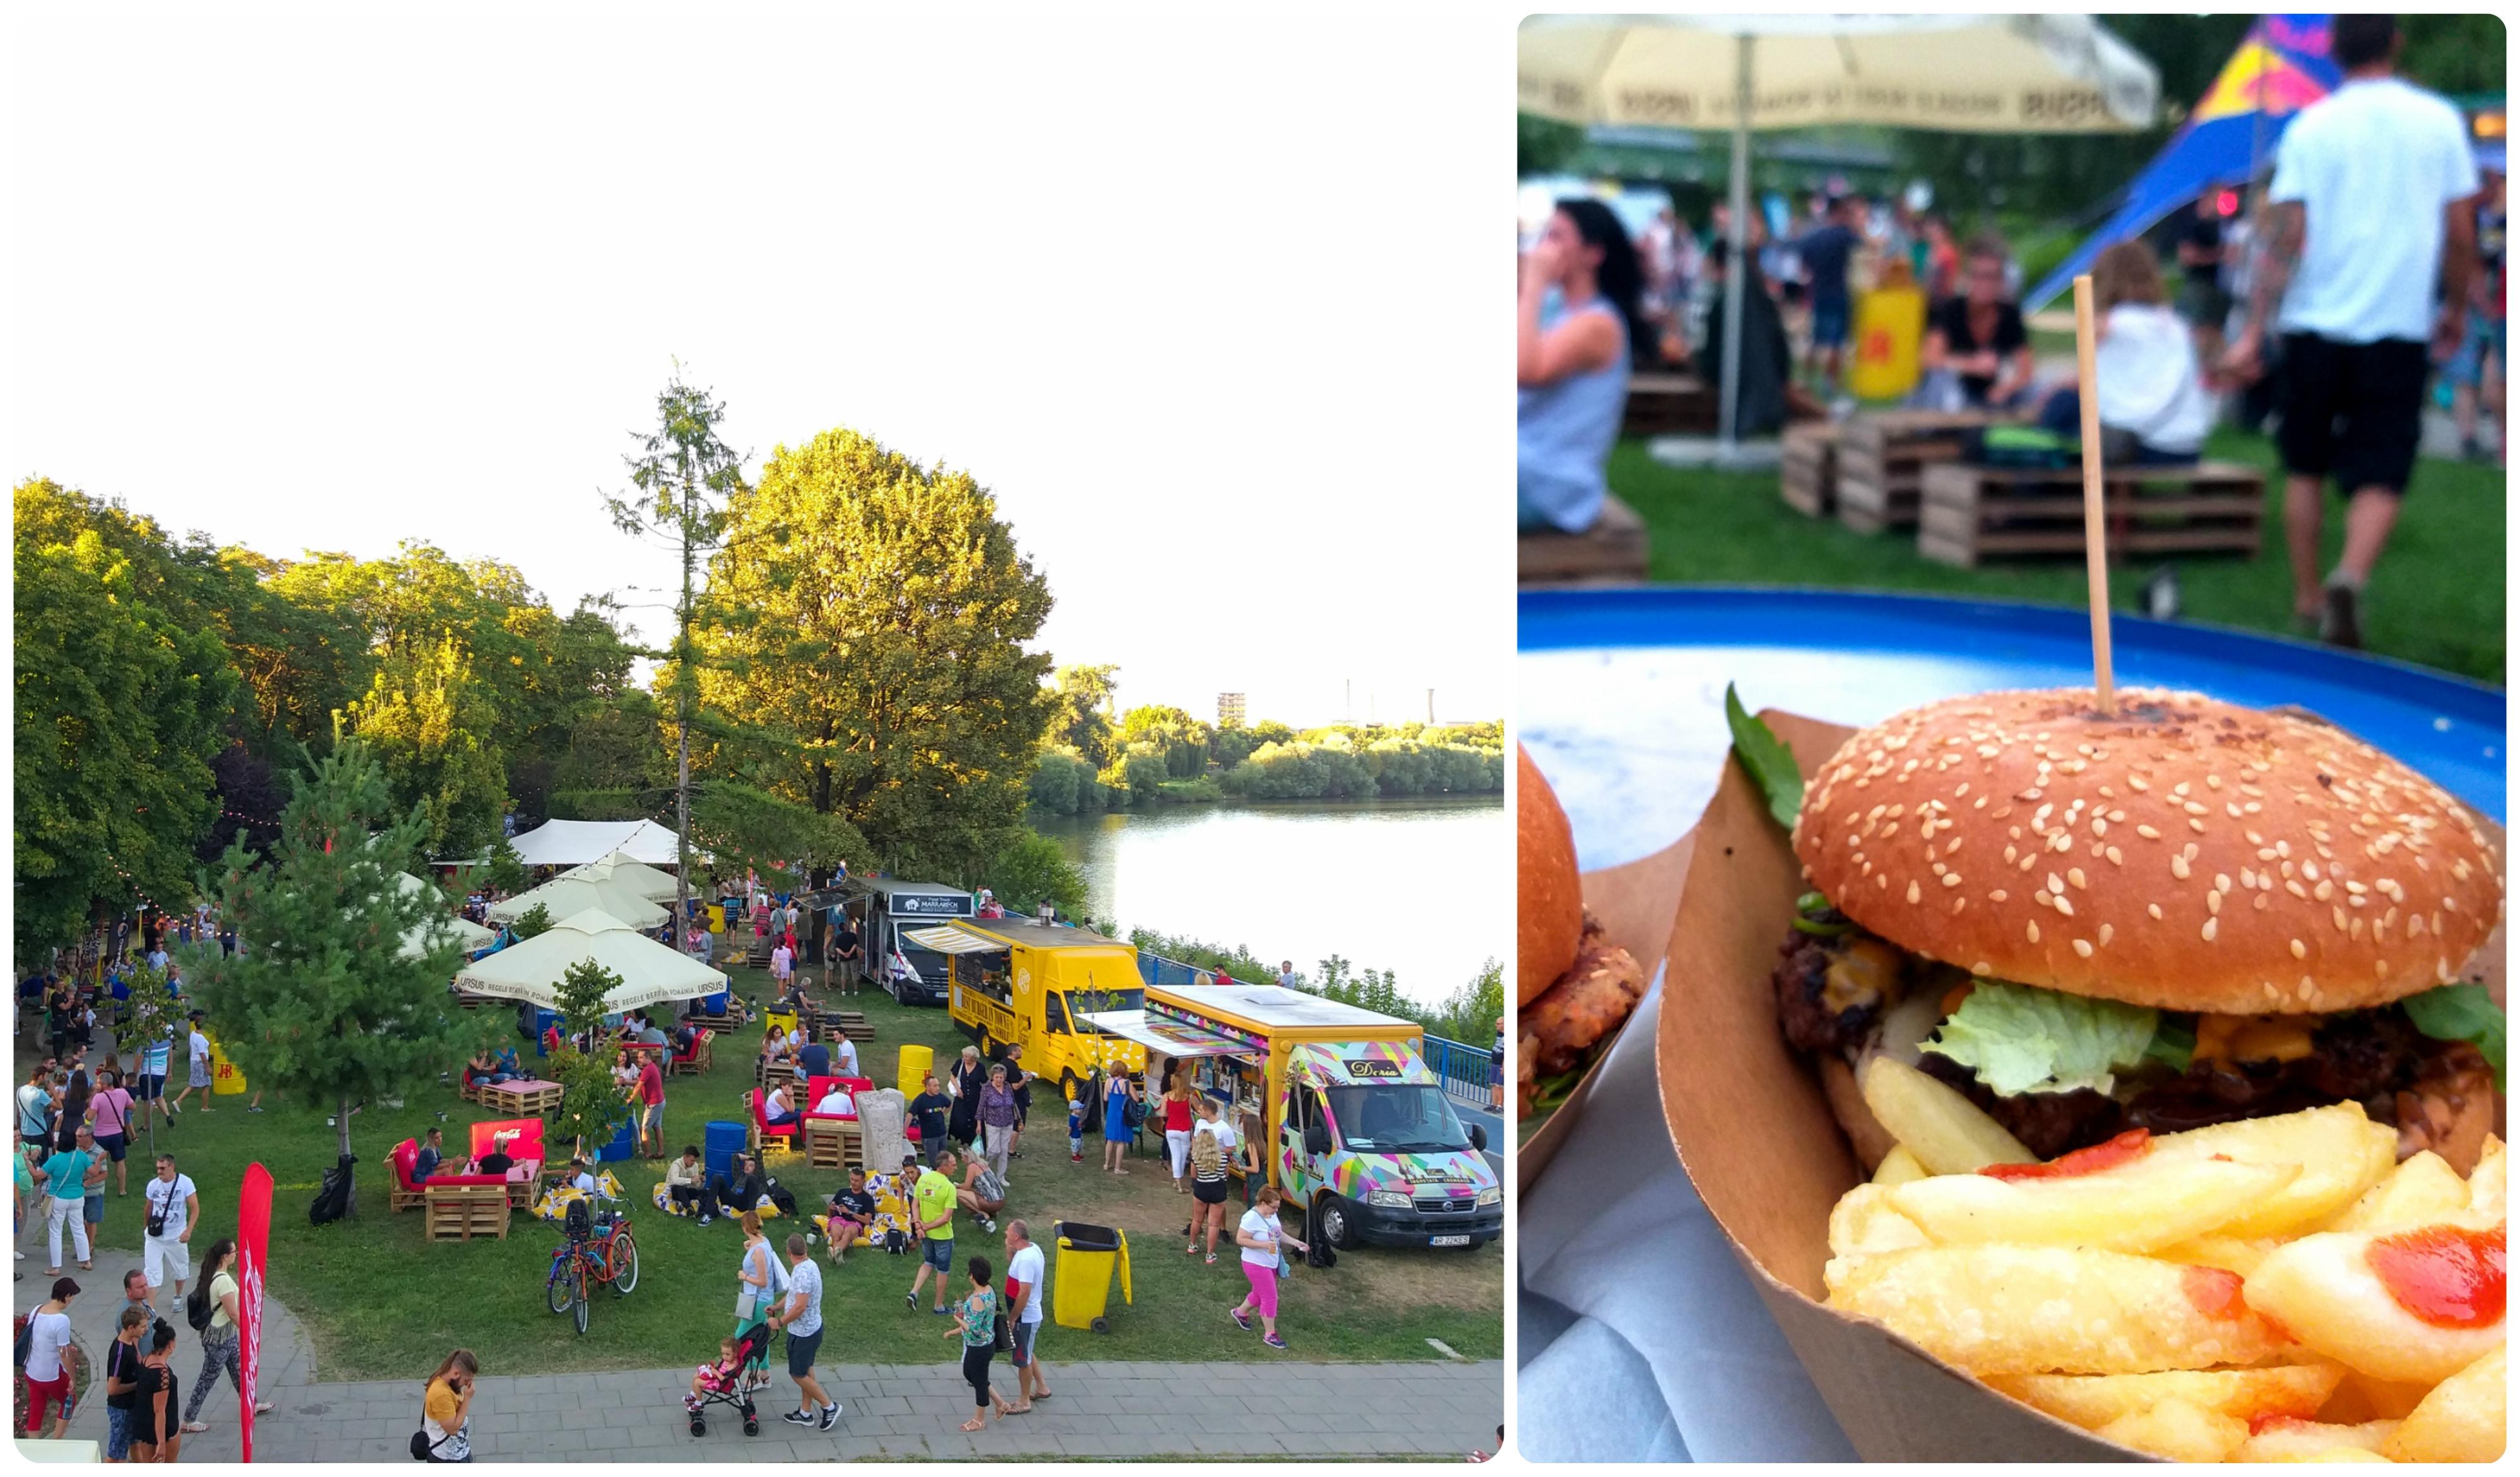 Relaxare, cărți, mâncare delicioasă, muzică și distracție pentru cei mici, toate la Picnic Festival (GALERIE FOTO)